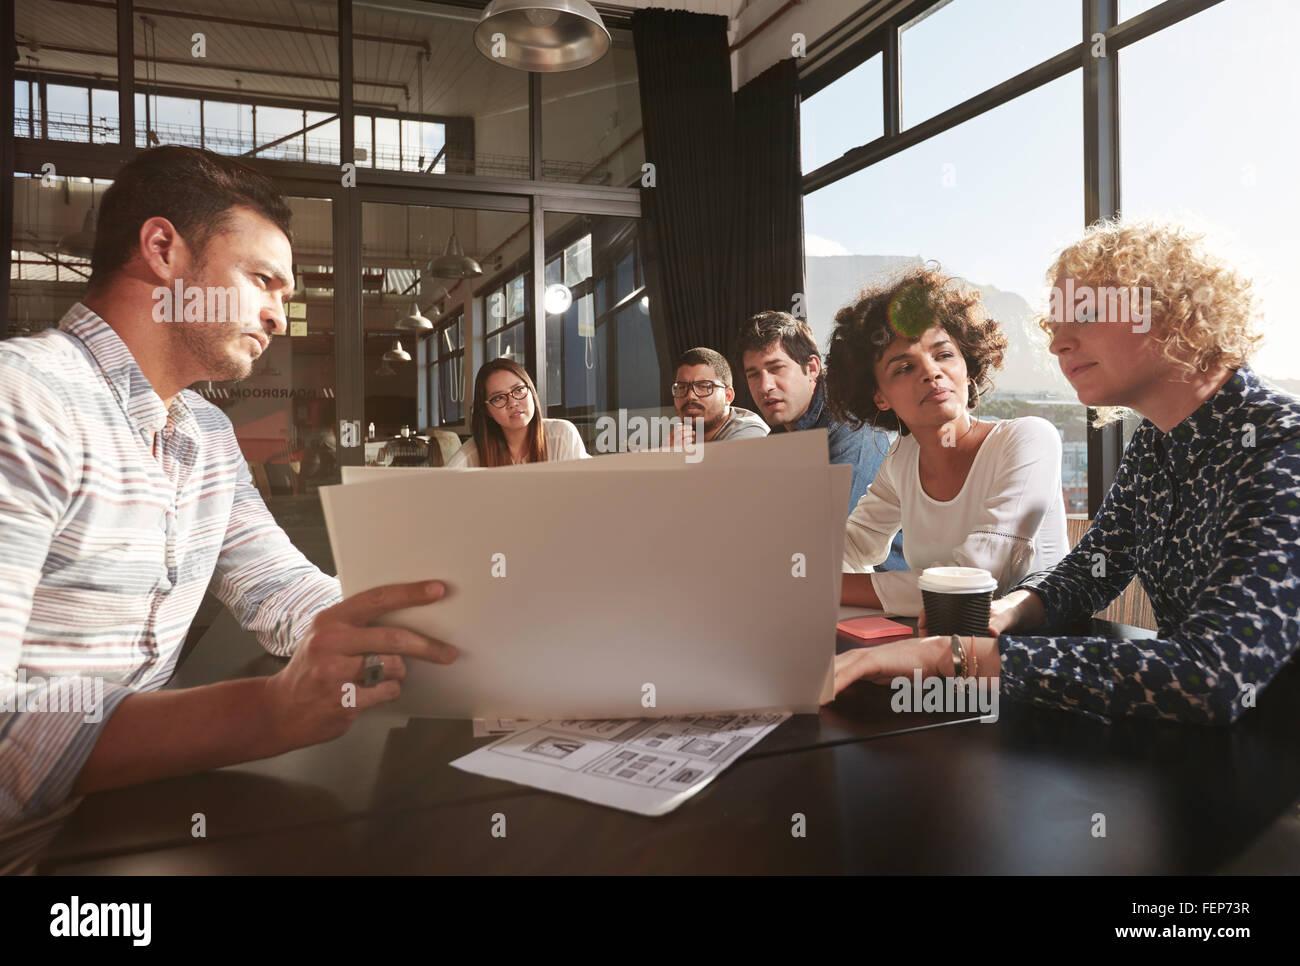 Felice e vincente squadra di colleghi seduti insieme per elaborare i piani aziendali Immagini Stock